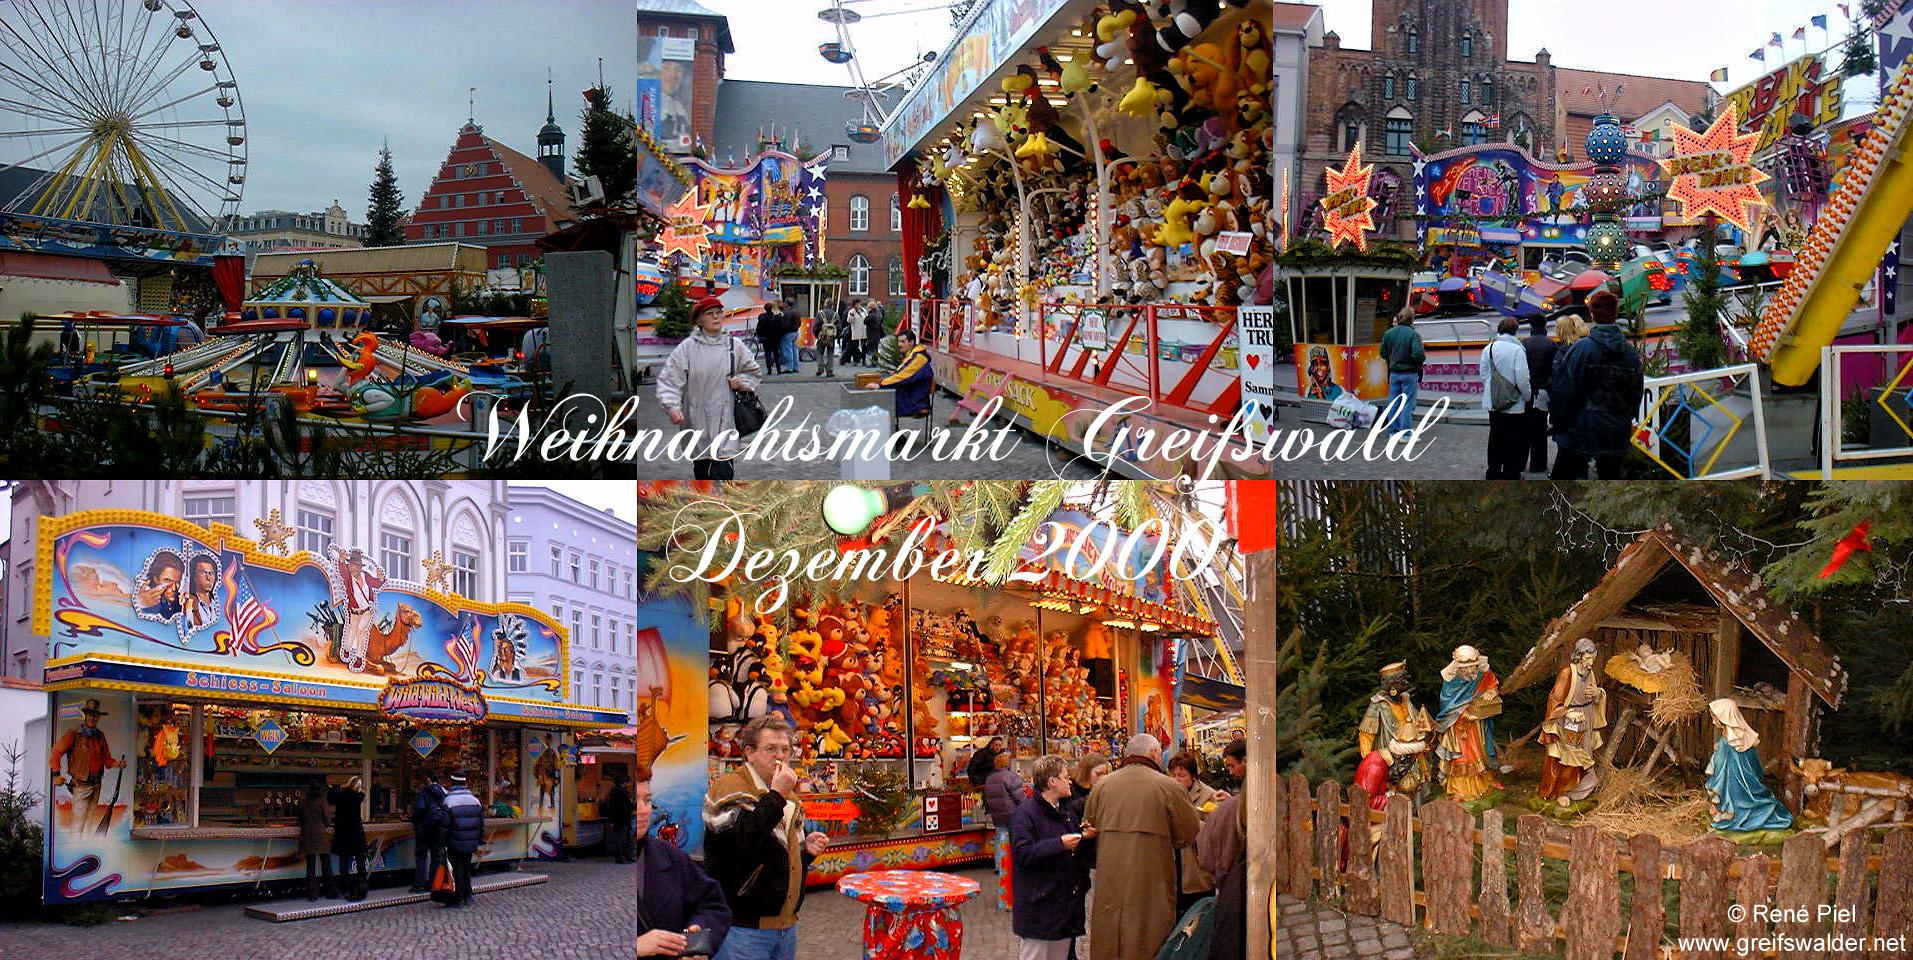 Weihnachtsmarkt Greifswald - Dezember 2000